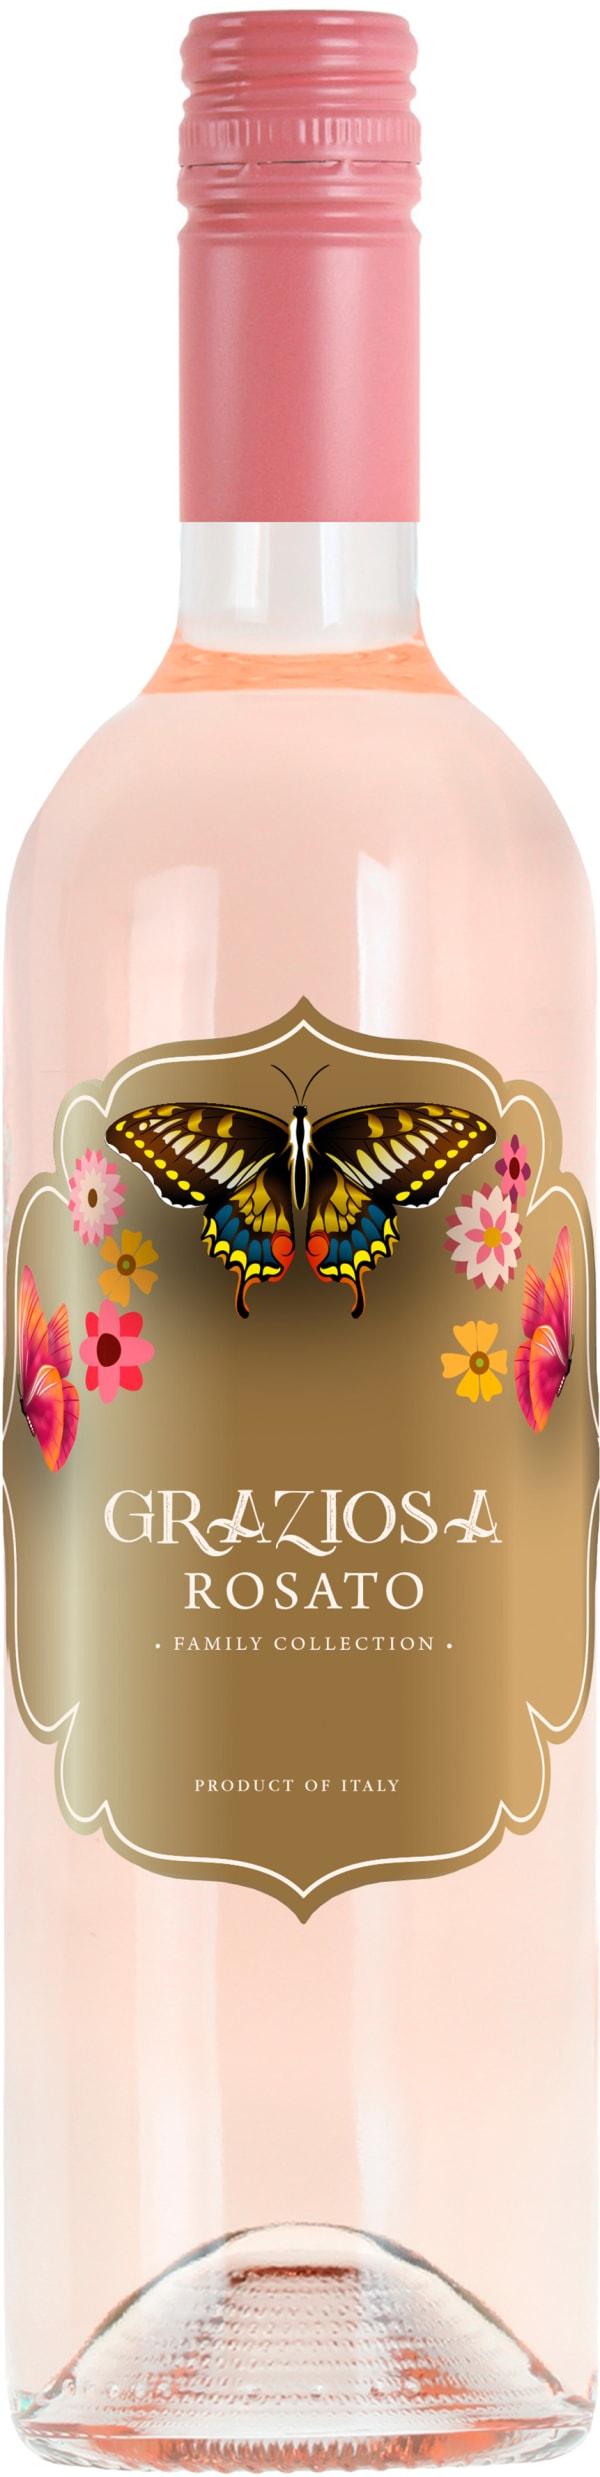 Graziosa Rosato 2019